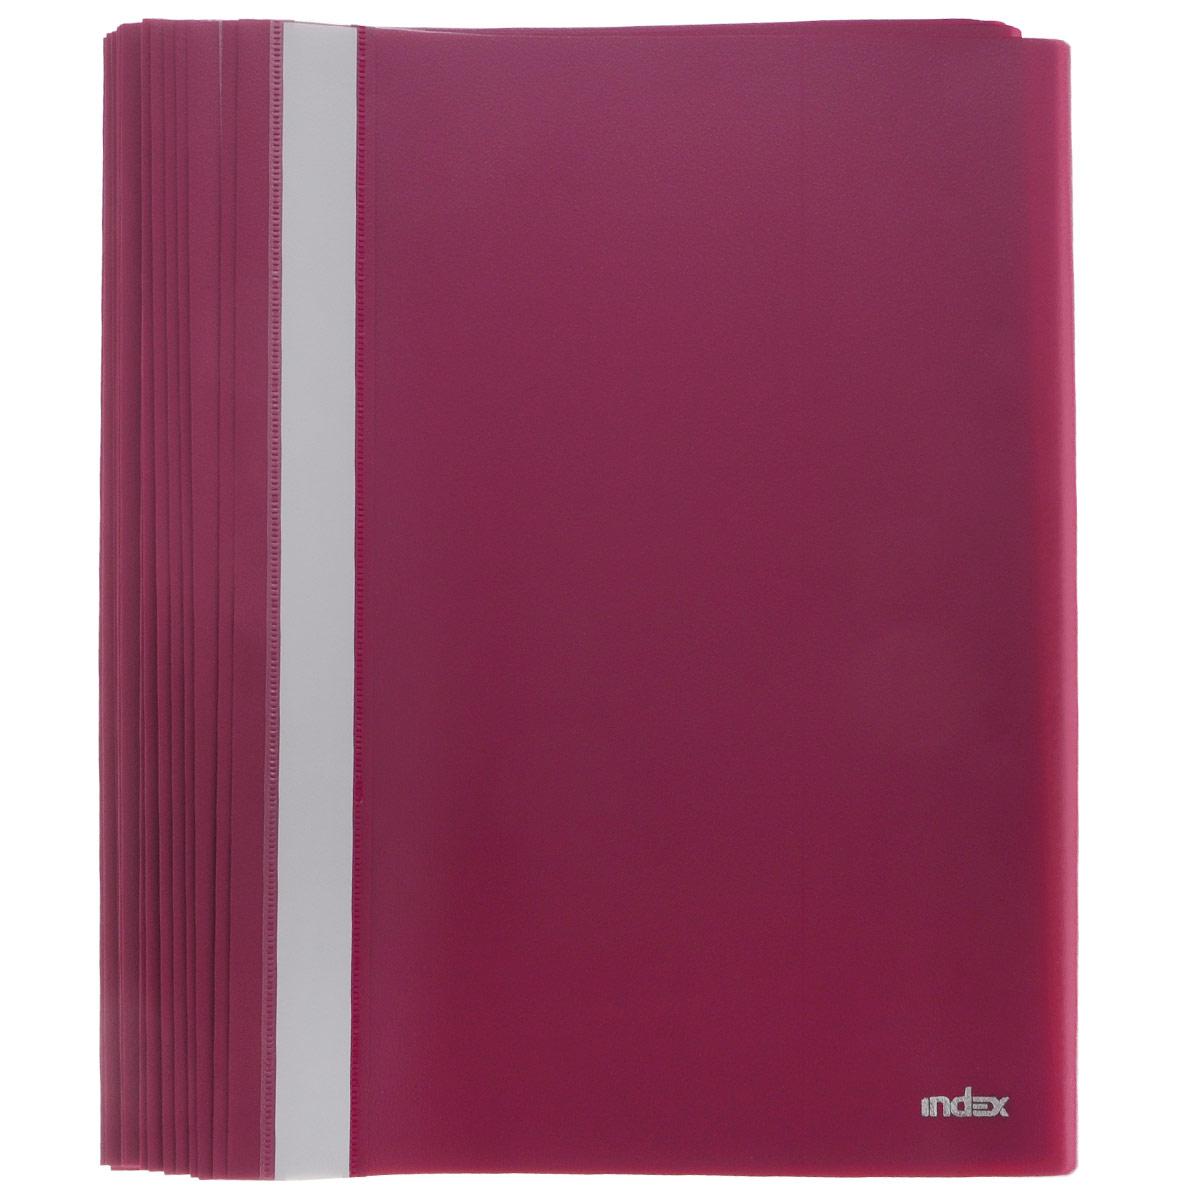 Папка-скоросшиватель Index, цвет: бордовый. Формат А4, 20 штI200/BGПапка-скоросшиватель Index, изготовленная из высококачественного полипропилена, это удобный и практичный офисный инструмент, предназначенный для хранения и транспортировки рабочих бумаг и документов формата А4. Папка оснащена верхним прозрачным матовым листом и металлическим зажимом внутри для надежного удержания бумаг. В наборе - 20 папок. Папка-скоросшиватель - это незаменимый атрибут для студента, школьника, офисного работника. Такая папка надежно сохранит ваши документы и сбережет их от повреждений, пыли и влаги. Комплектация: 20 шт.